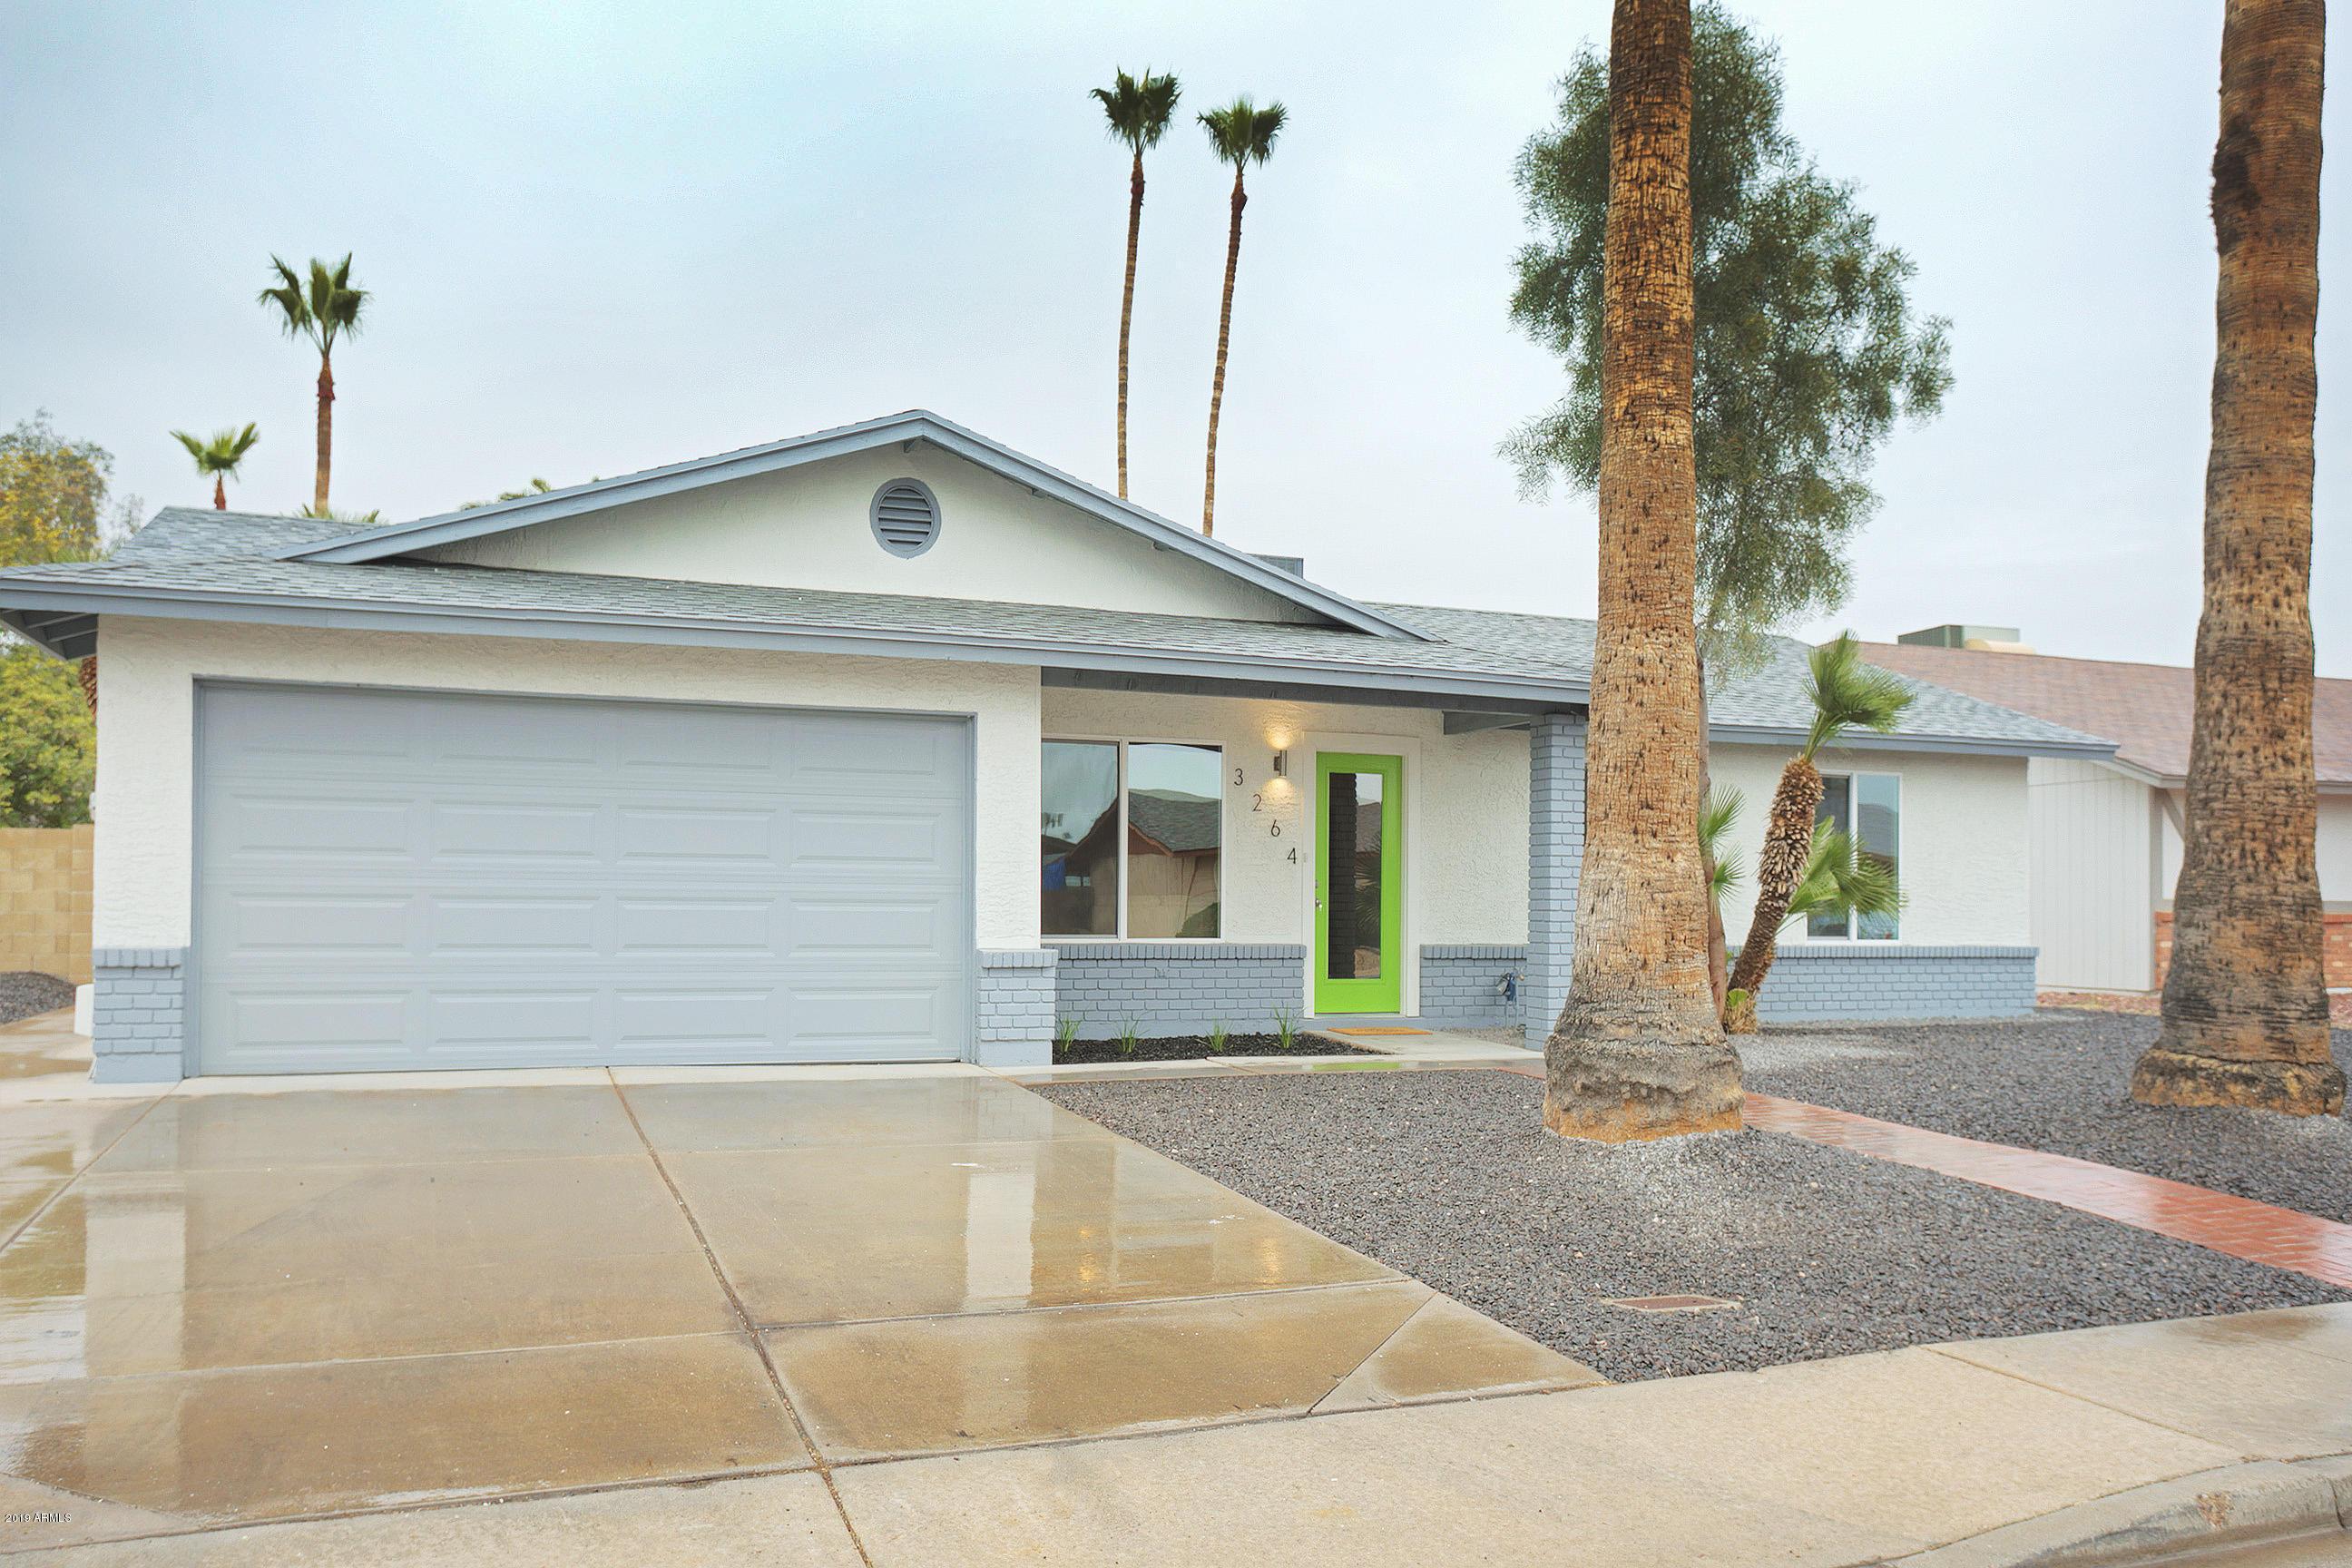 Photo of 3264 E CARMEL Avenue, Mesa, AZ 85204